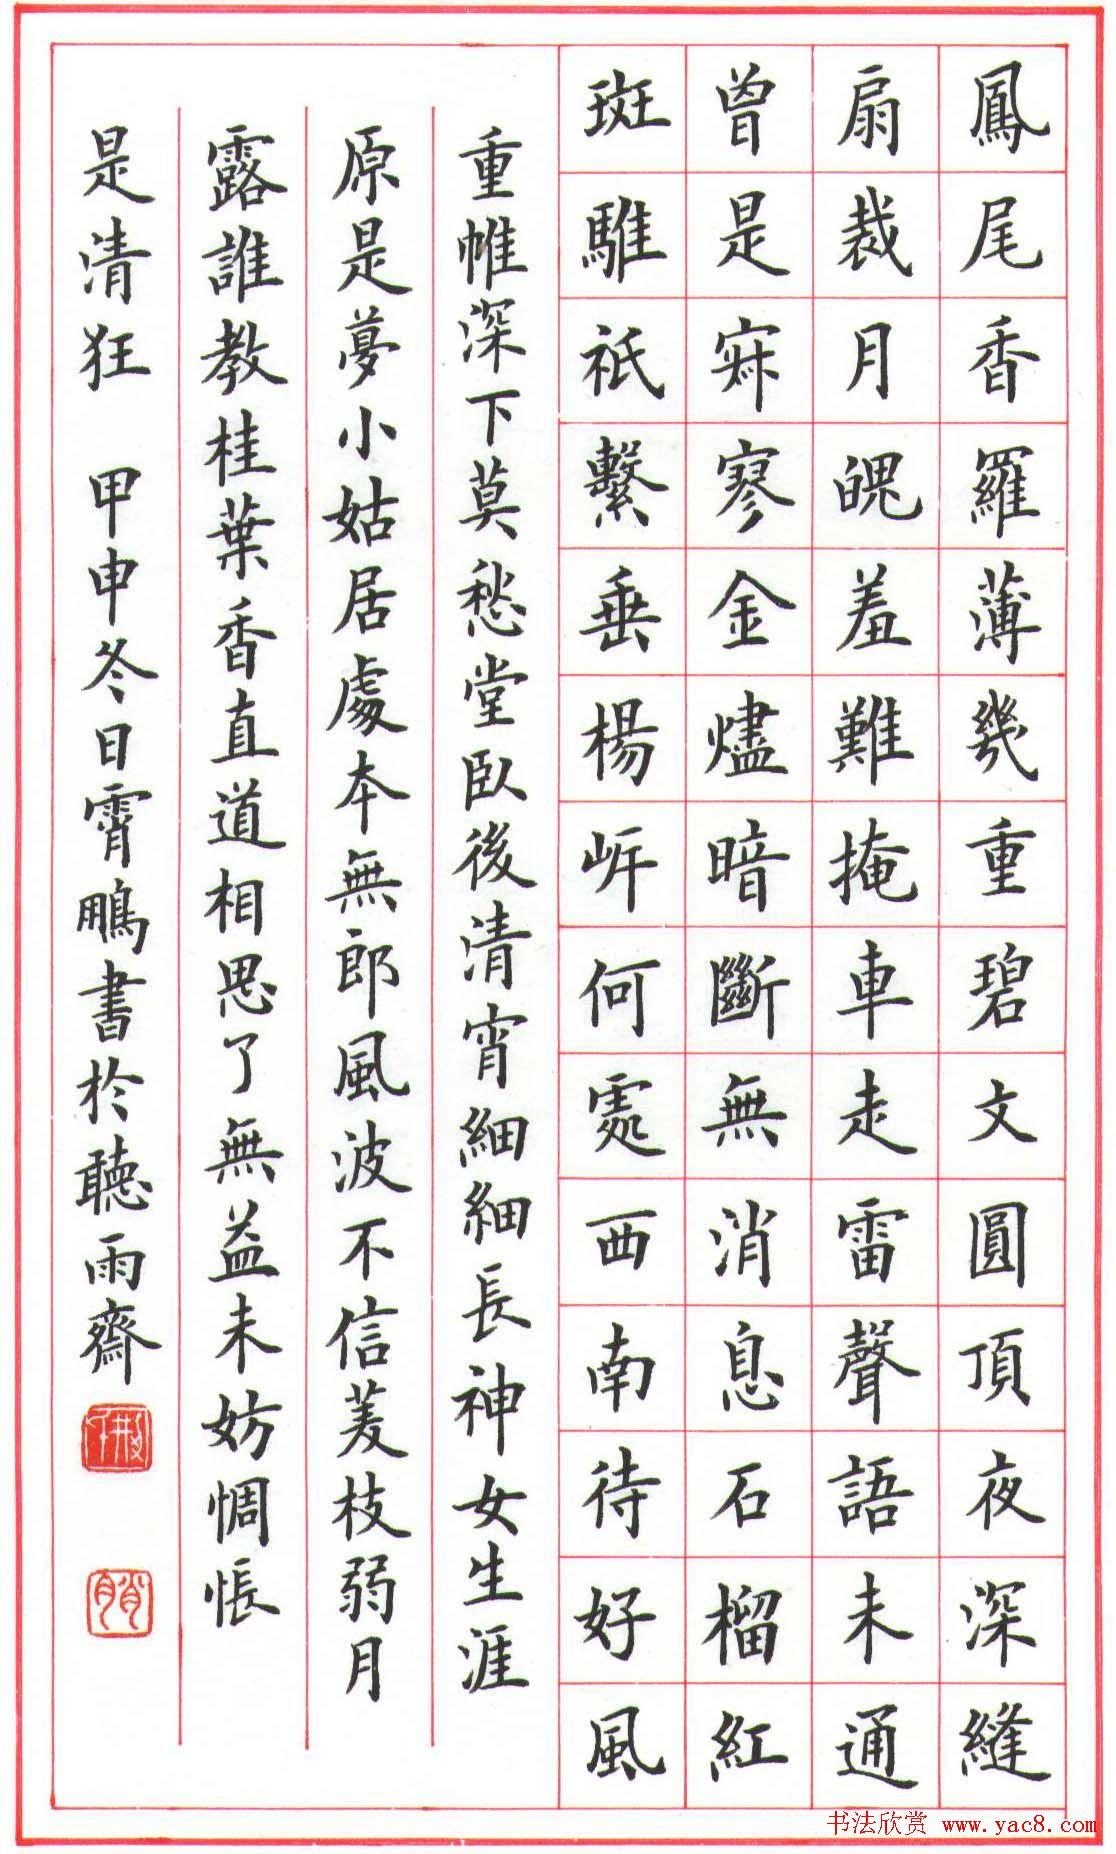 荆霄鹏硬笔书法作品《古诗选》(14)图片